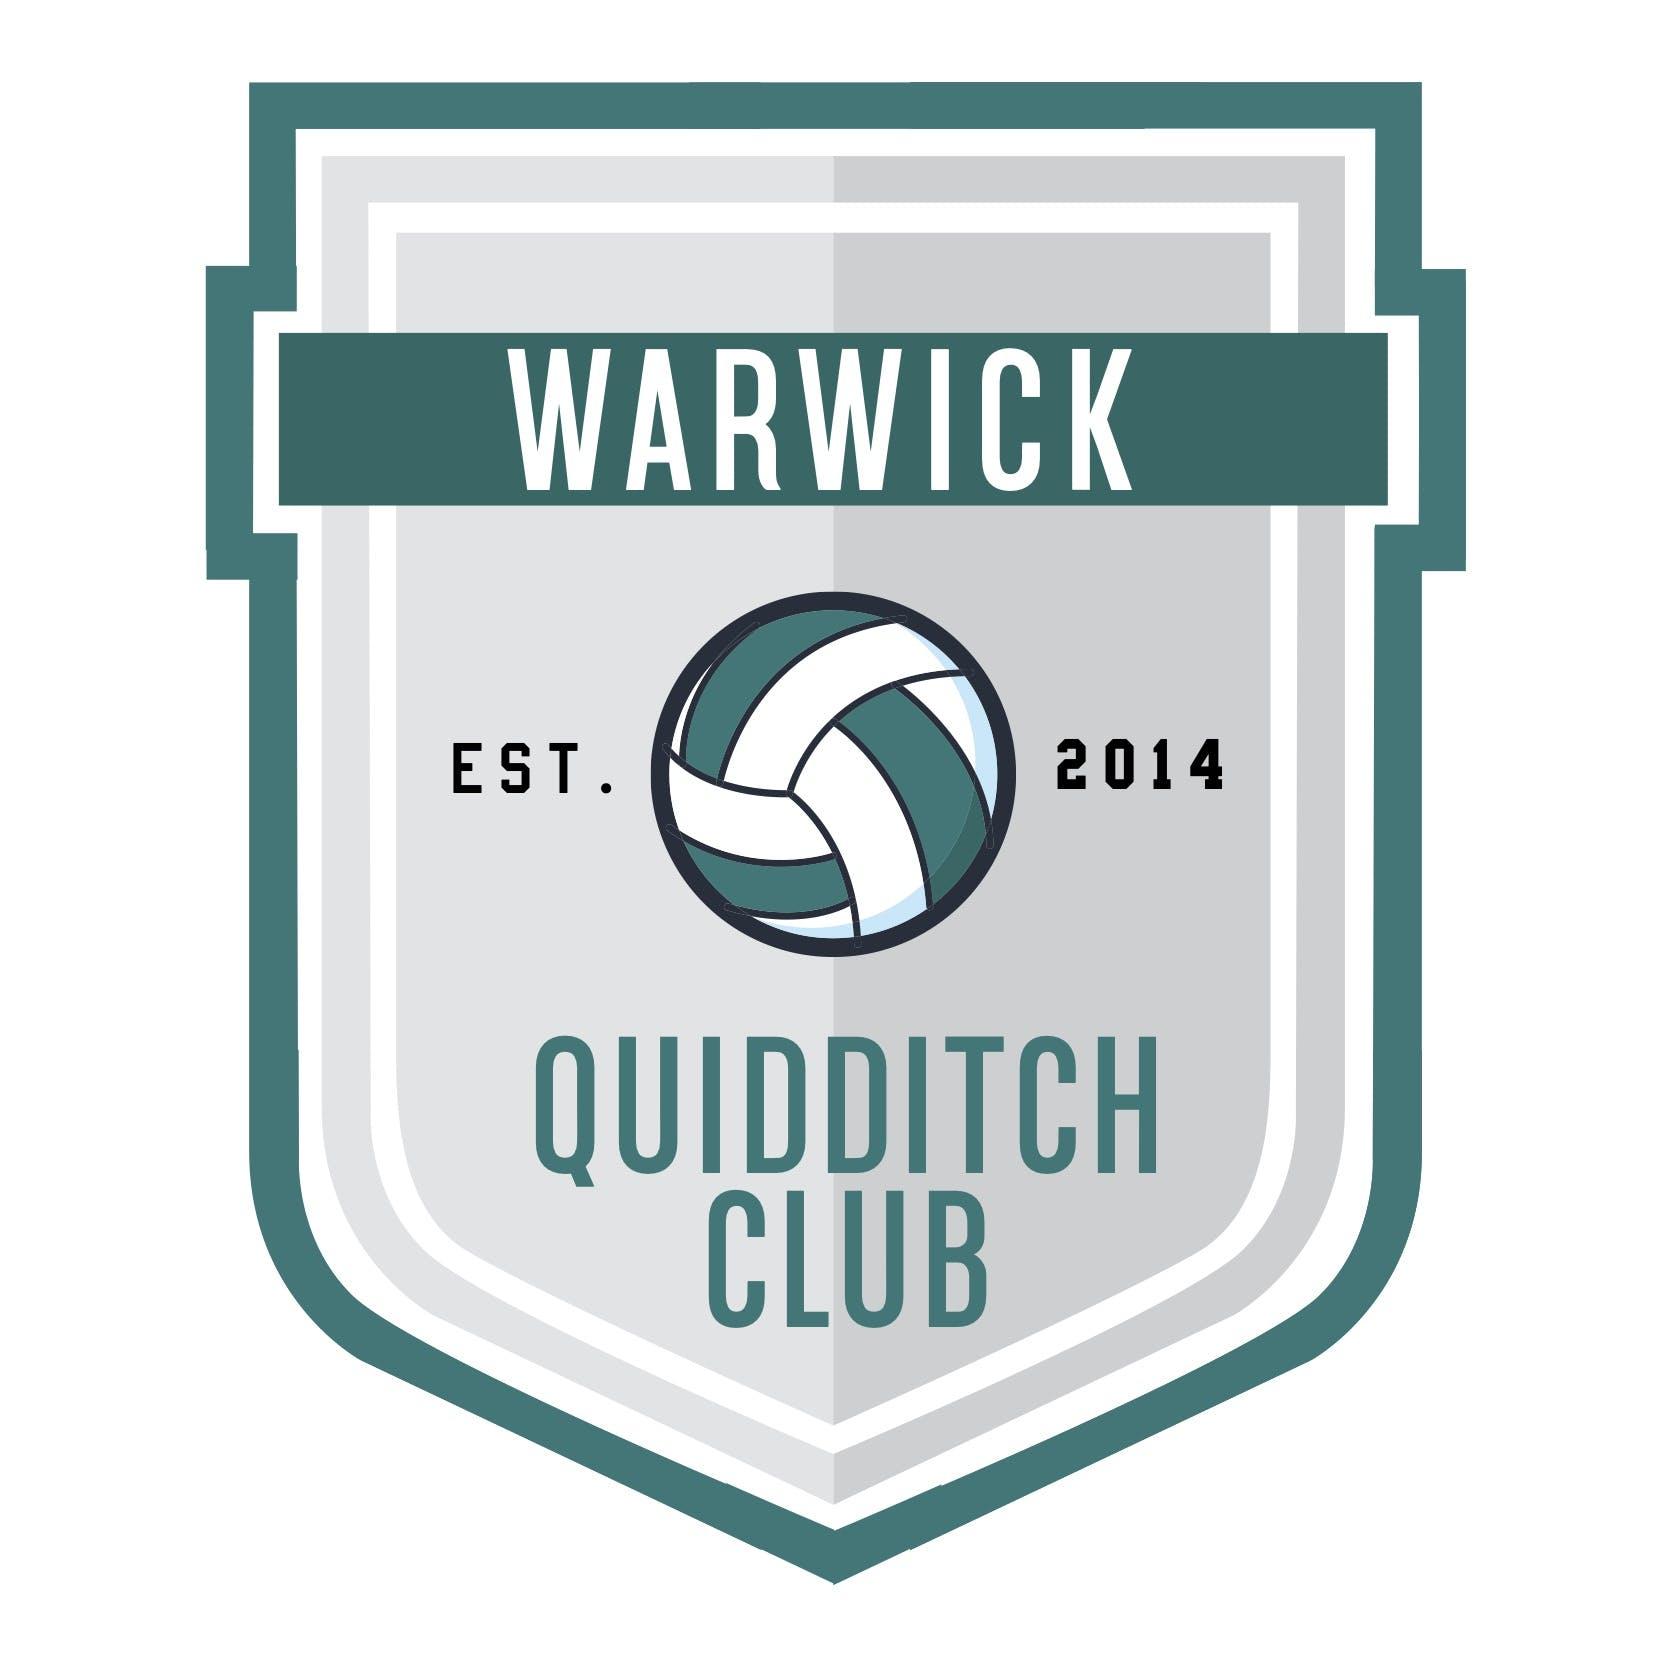 Warwick Quidditch Club logo